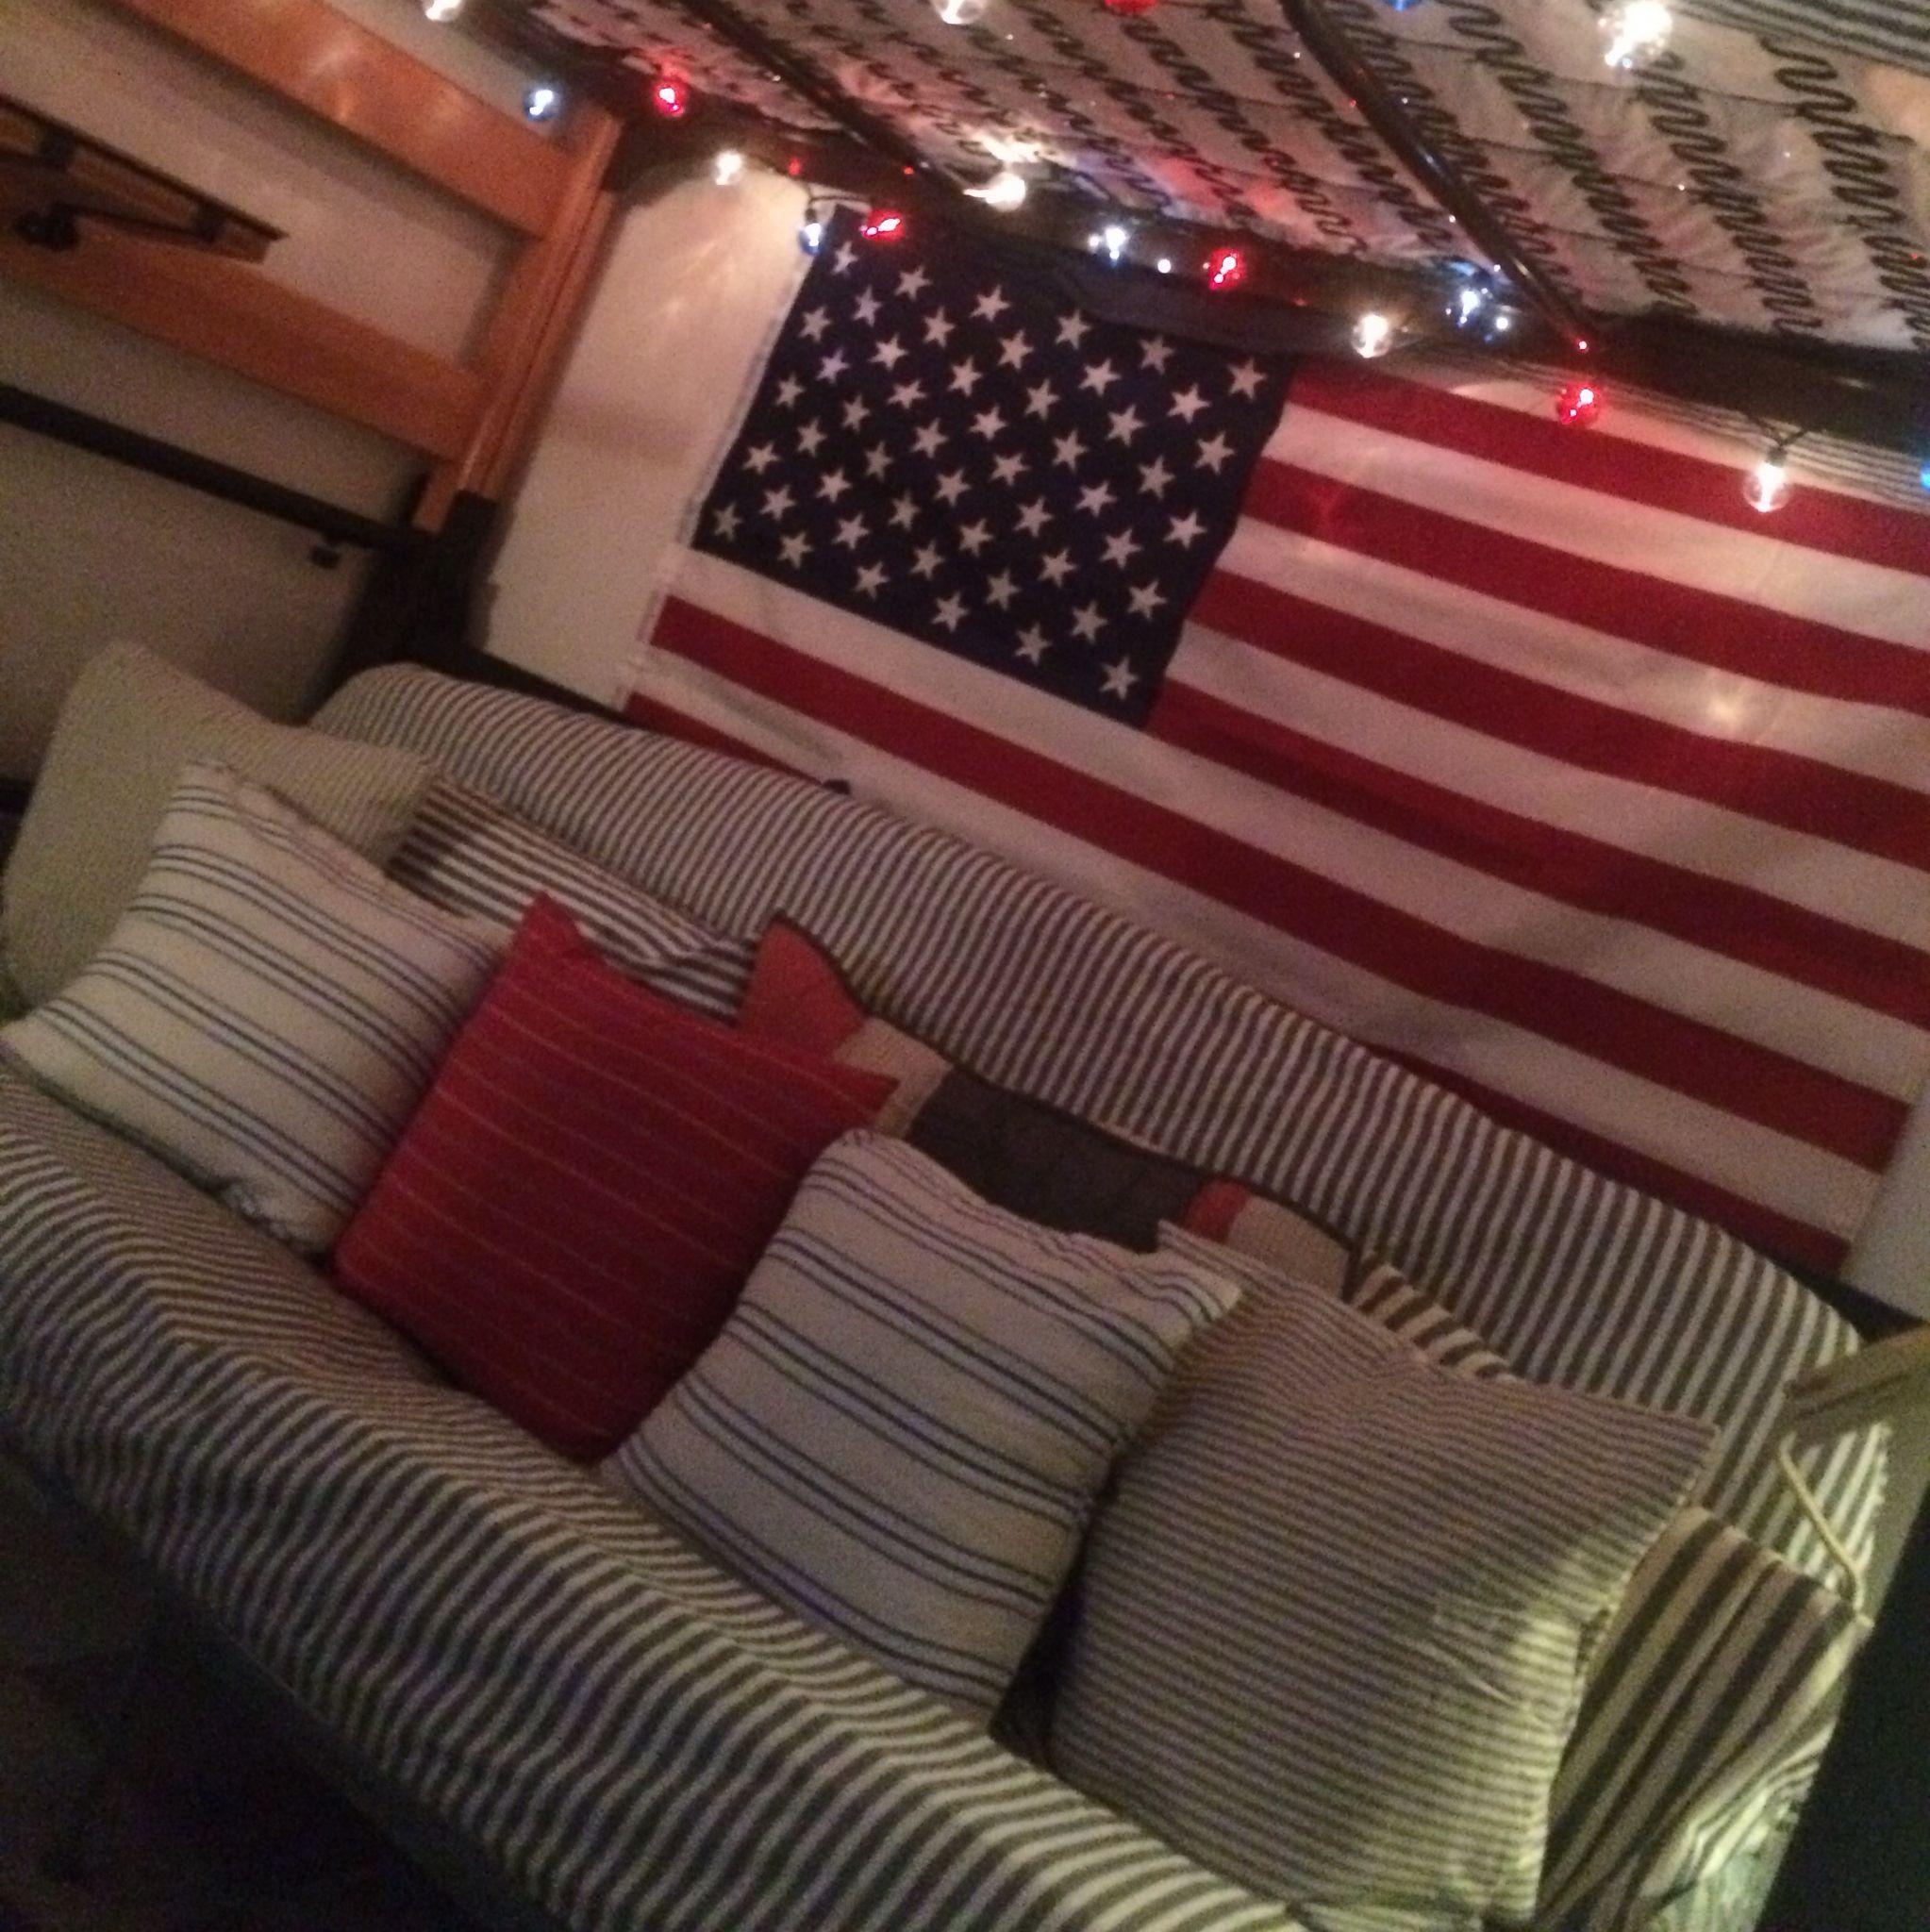 Boy S Dorm Room Futon Under The Bunk Bed Westelm Patriotic